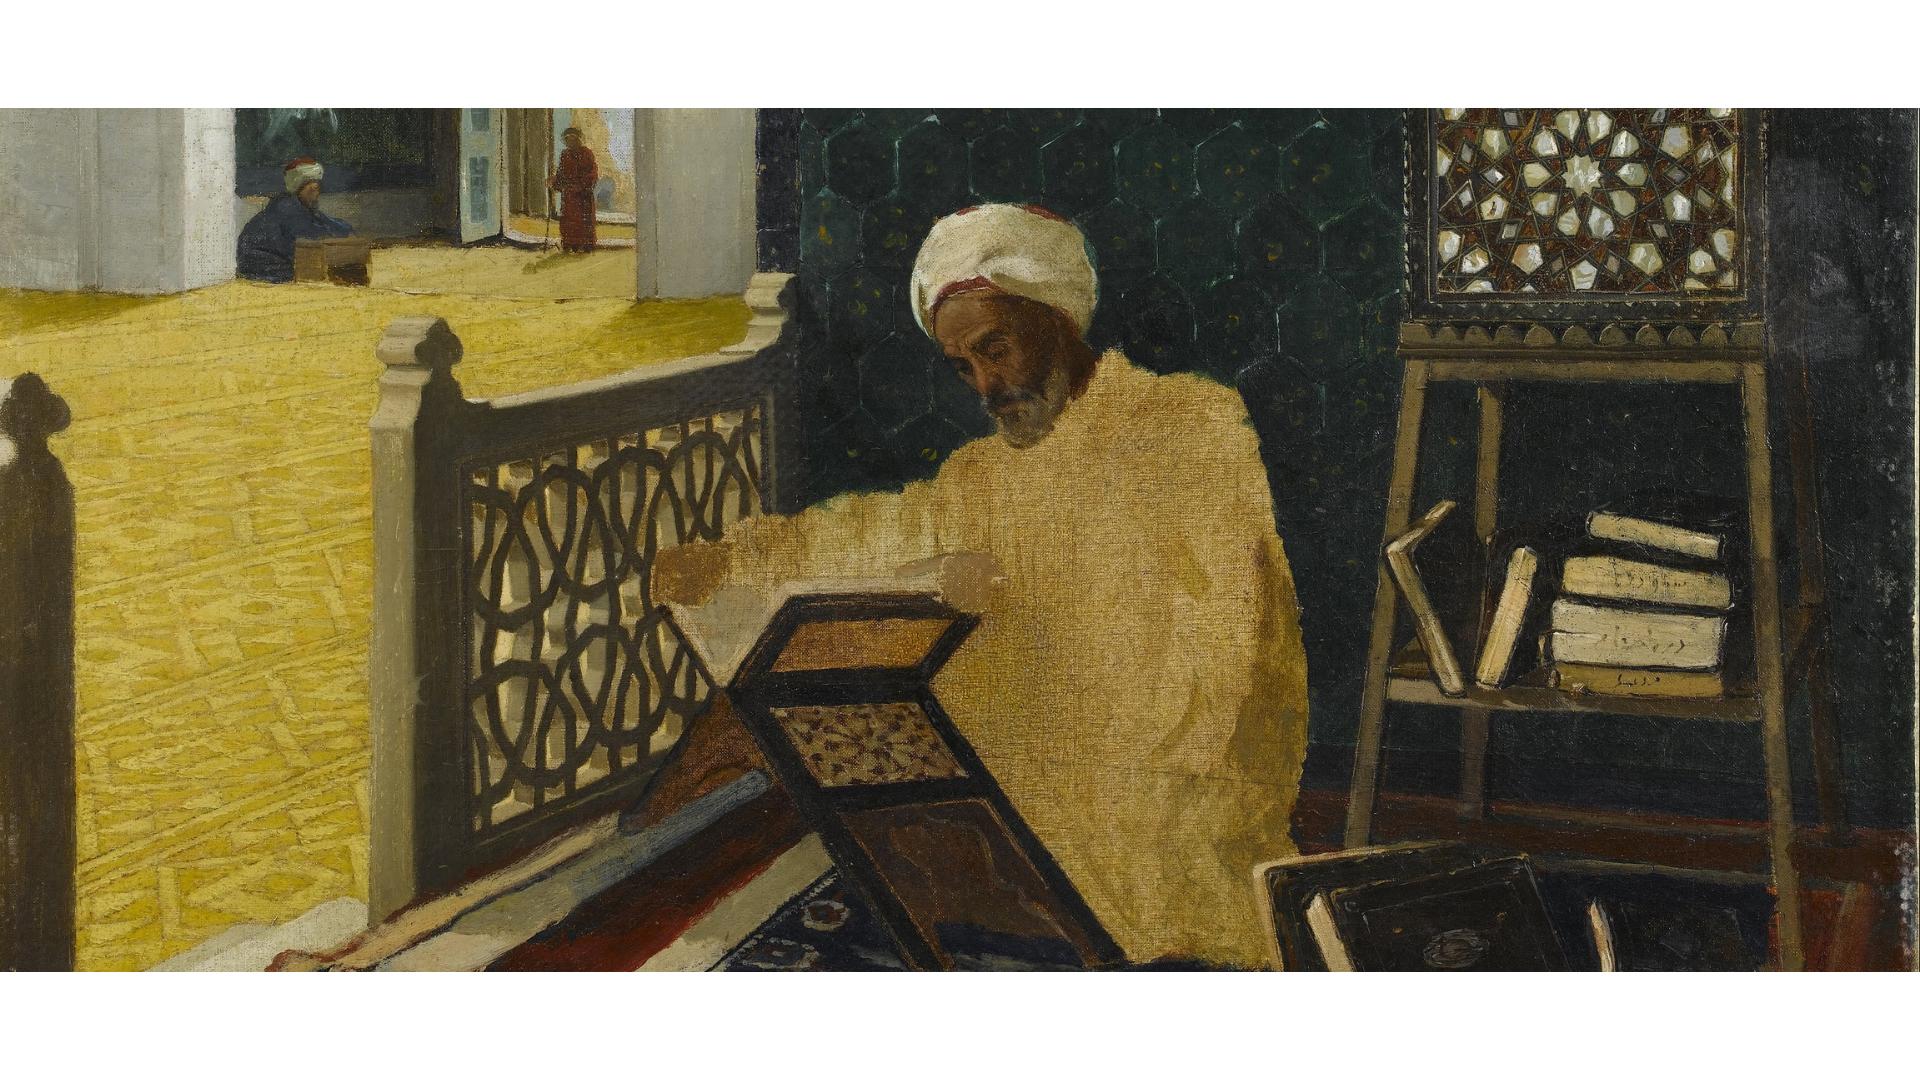 Kuran okuyan bir adamın çizilmiş görseli.